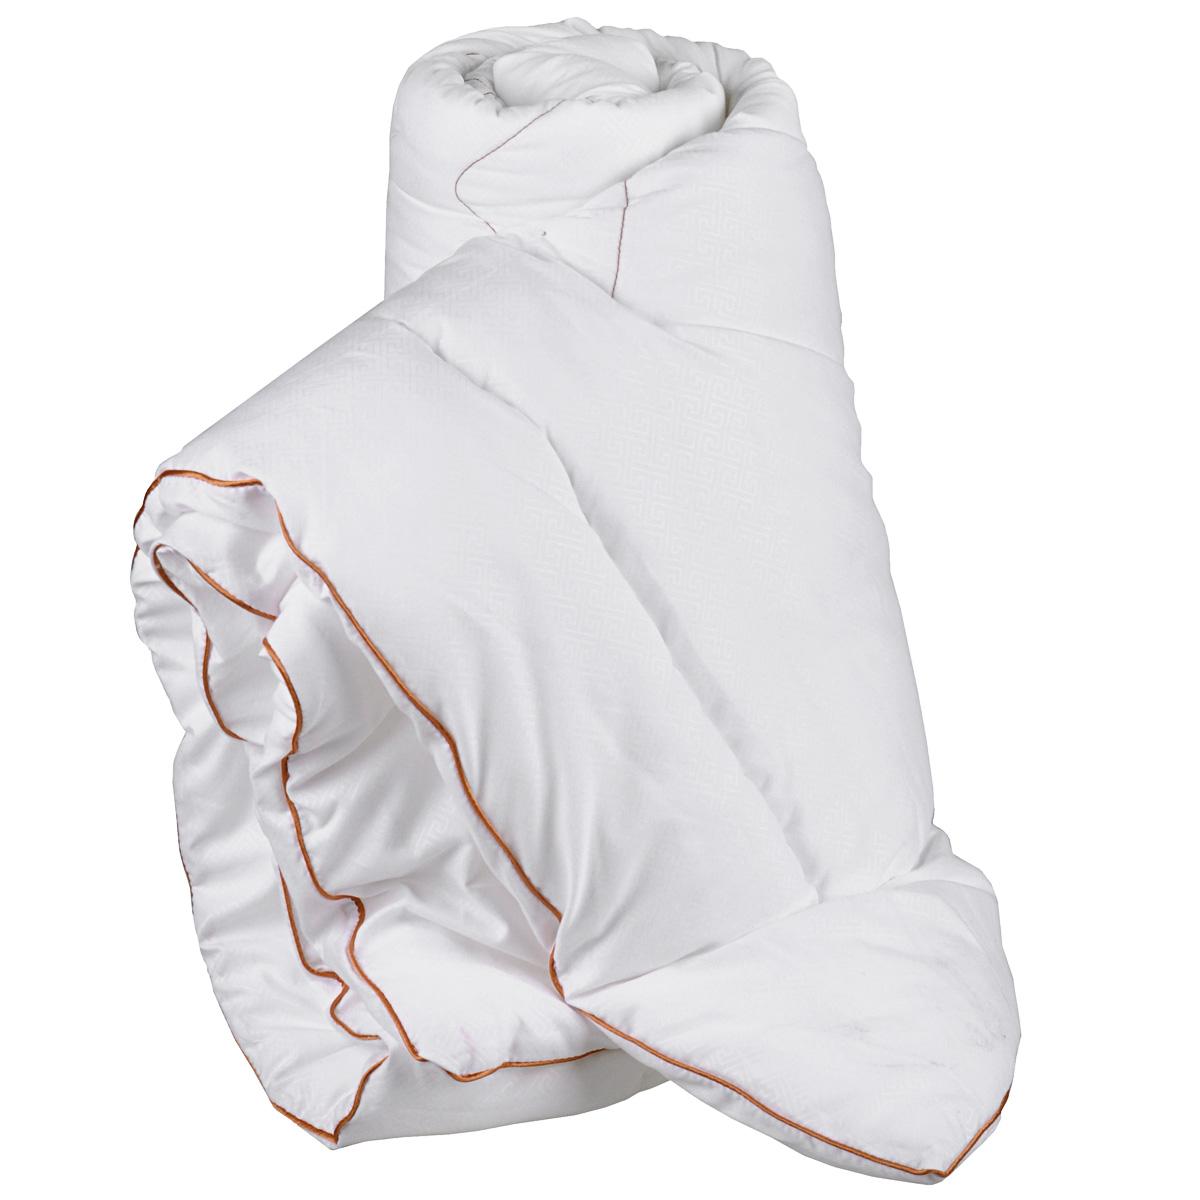 Одеяло Primavelle Afina, наполнитель: лебяжий пух, 172 см х 205 см122918101-29Одеяло Primavelle Afina - стильная и комфортная постельная принадлежность, которая подарит уют и позволит окунуться в здоровый и спокойный сон. Чехол одеяла выполнен из однотонной бархатистой ткани биософт с тисненым рисунком, украшен декоративной ниточной стежкой греческие узоры и атласным кантом шоколадного цвета. Чехол также имеет специальную обработку Peach-эффект, благодаря которой ткань становится нежной и приобретает бархатистую фактуру. Внутри - наполнитель из искусственного лебяжьего пуха, который является аналогом натурального пуха и представляет собой сверхтонкое волокно нового поколения. Благодаря этому одеяло очень мягкое и легкое, не накапливает пыль и запахи. Важным преимуществом является гипоаллергенность наполнителя, поэтому одеяло отлично подходит как взрослым, так и детям. Легкое и объемное, оно имеет среднюю степень теплоты и отличную терморегуляцию: под ним будет тепло зимой и не жарко летом. Одеяло просто в уходе, подходит для машинной...